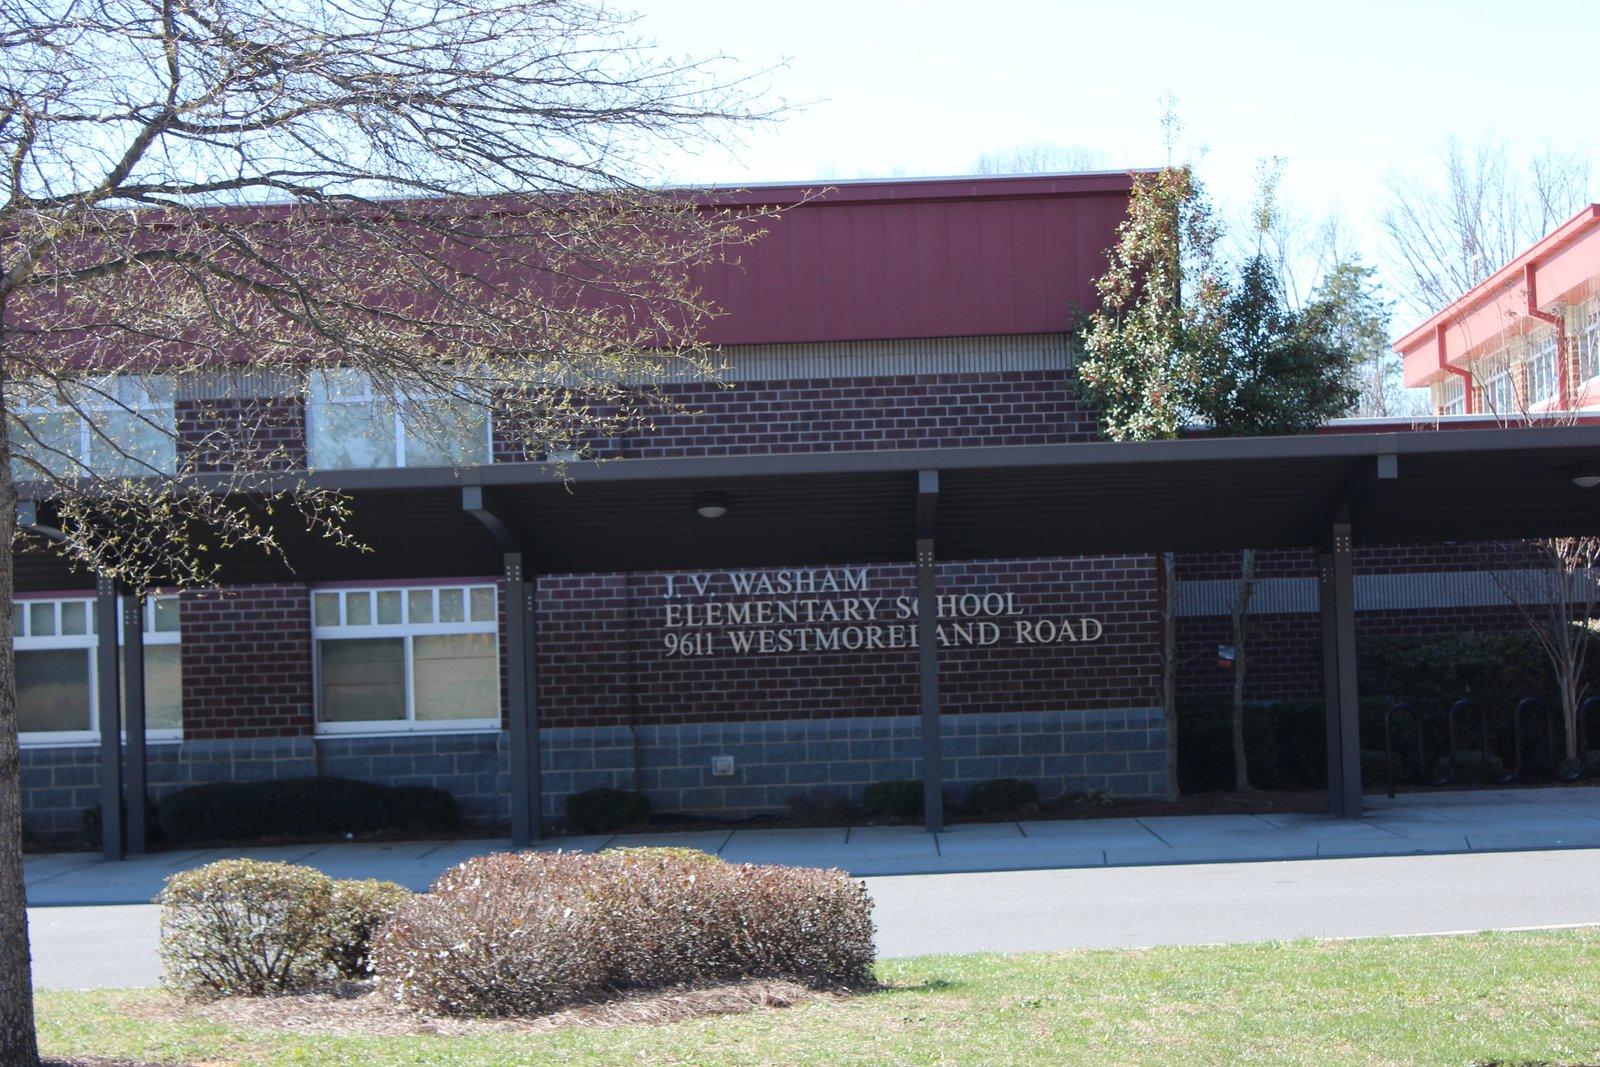 J. V. Washam elementary